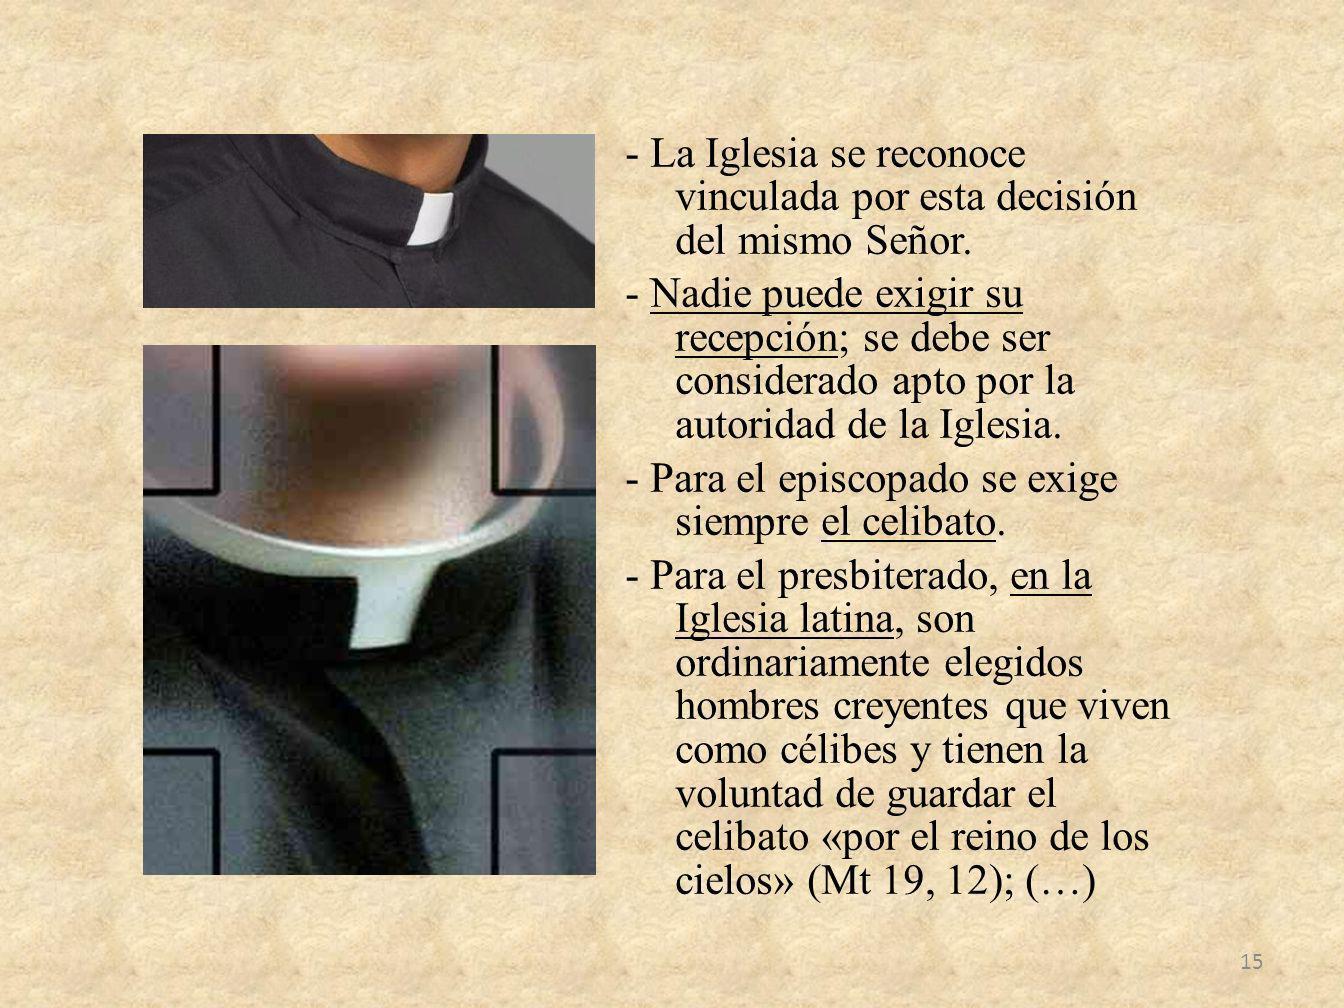 - La Iglesia se reconoce vinculada por esta decisión del mismo Señor